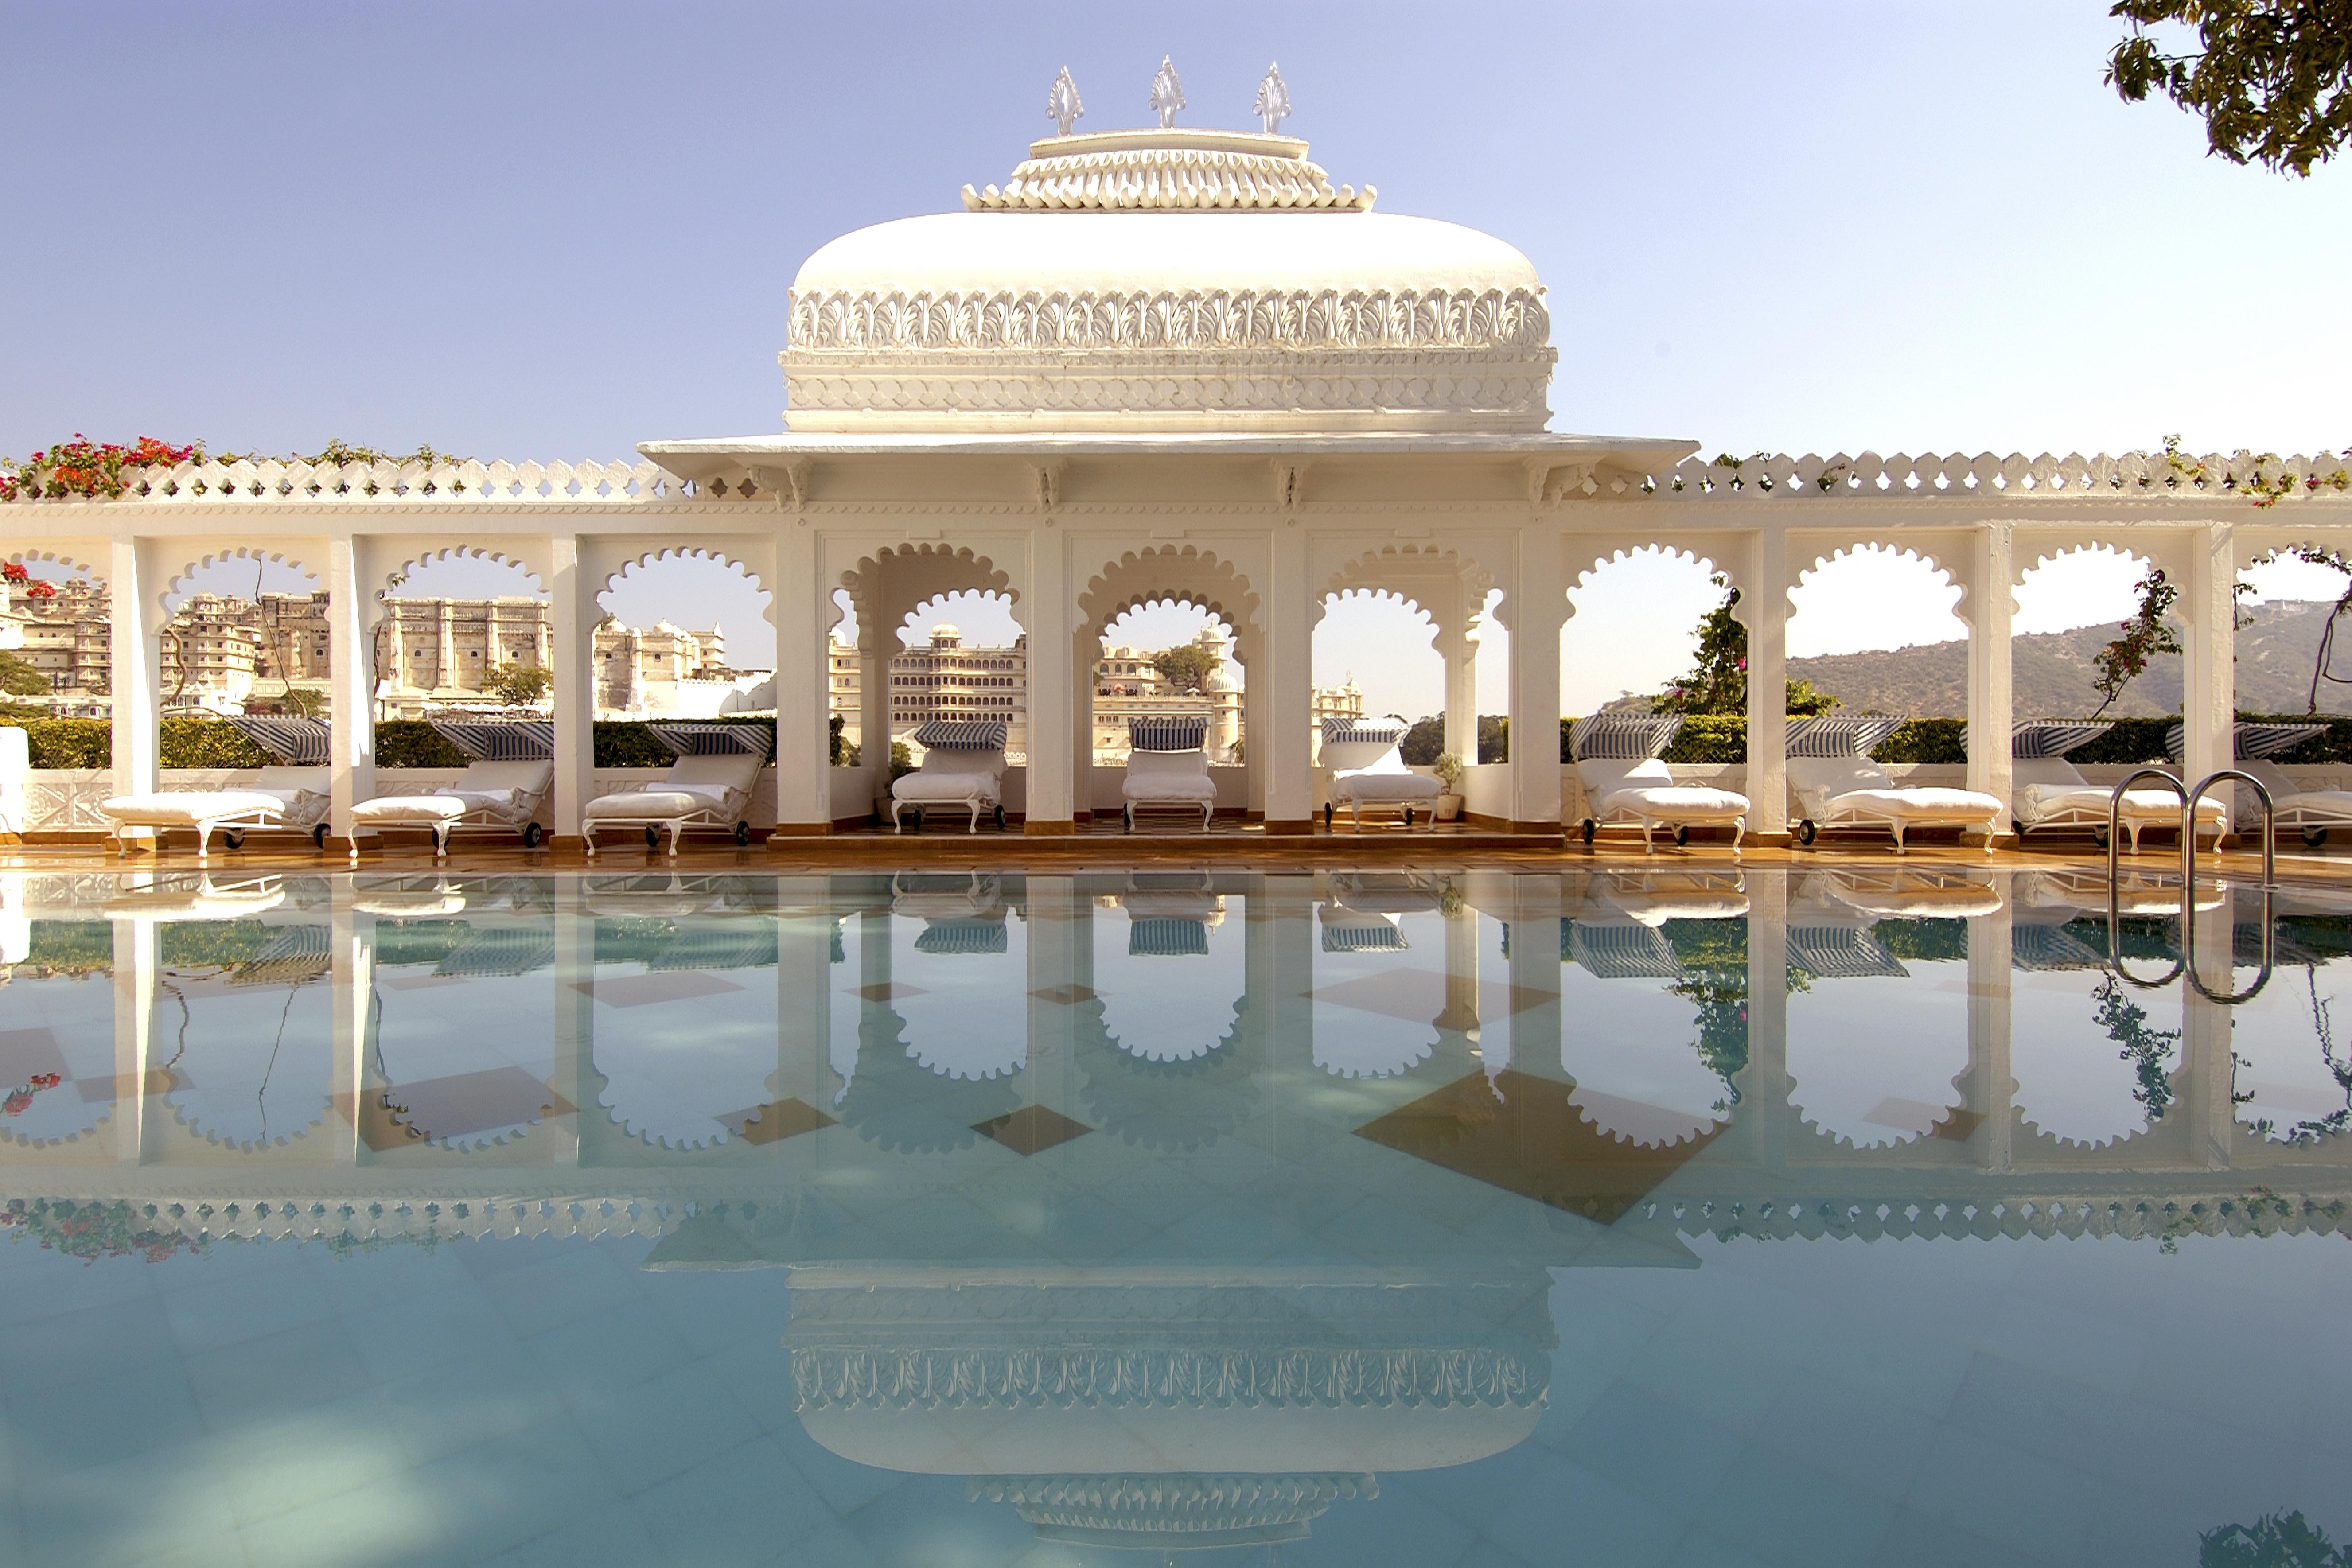 lake_palace_of_India_27_2